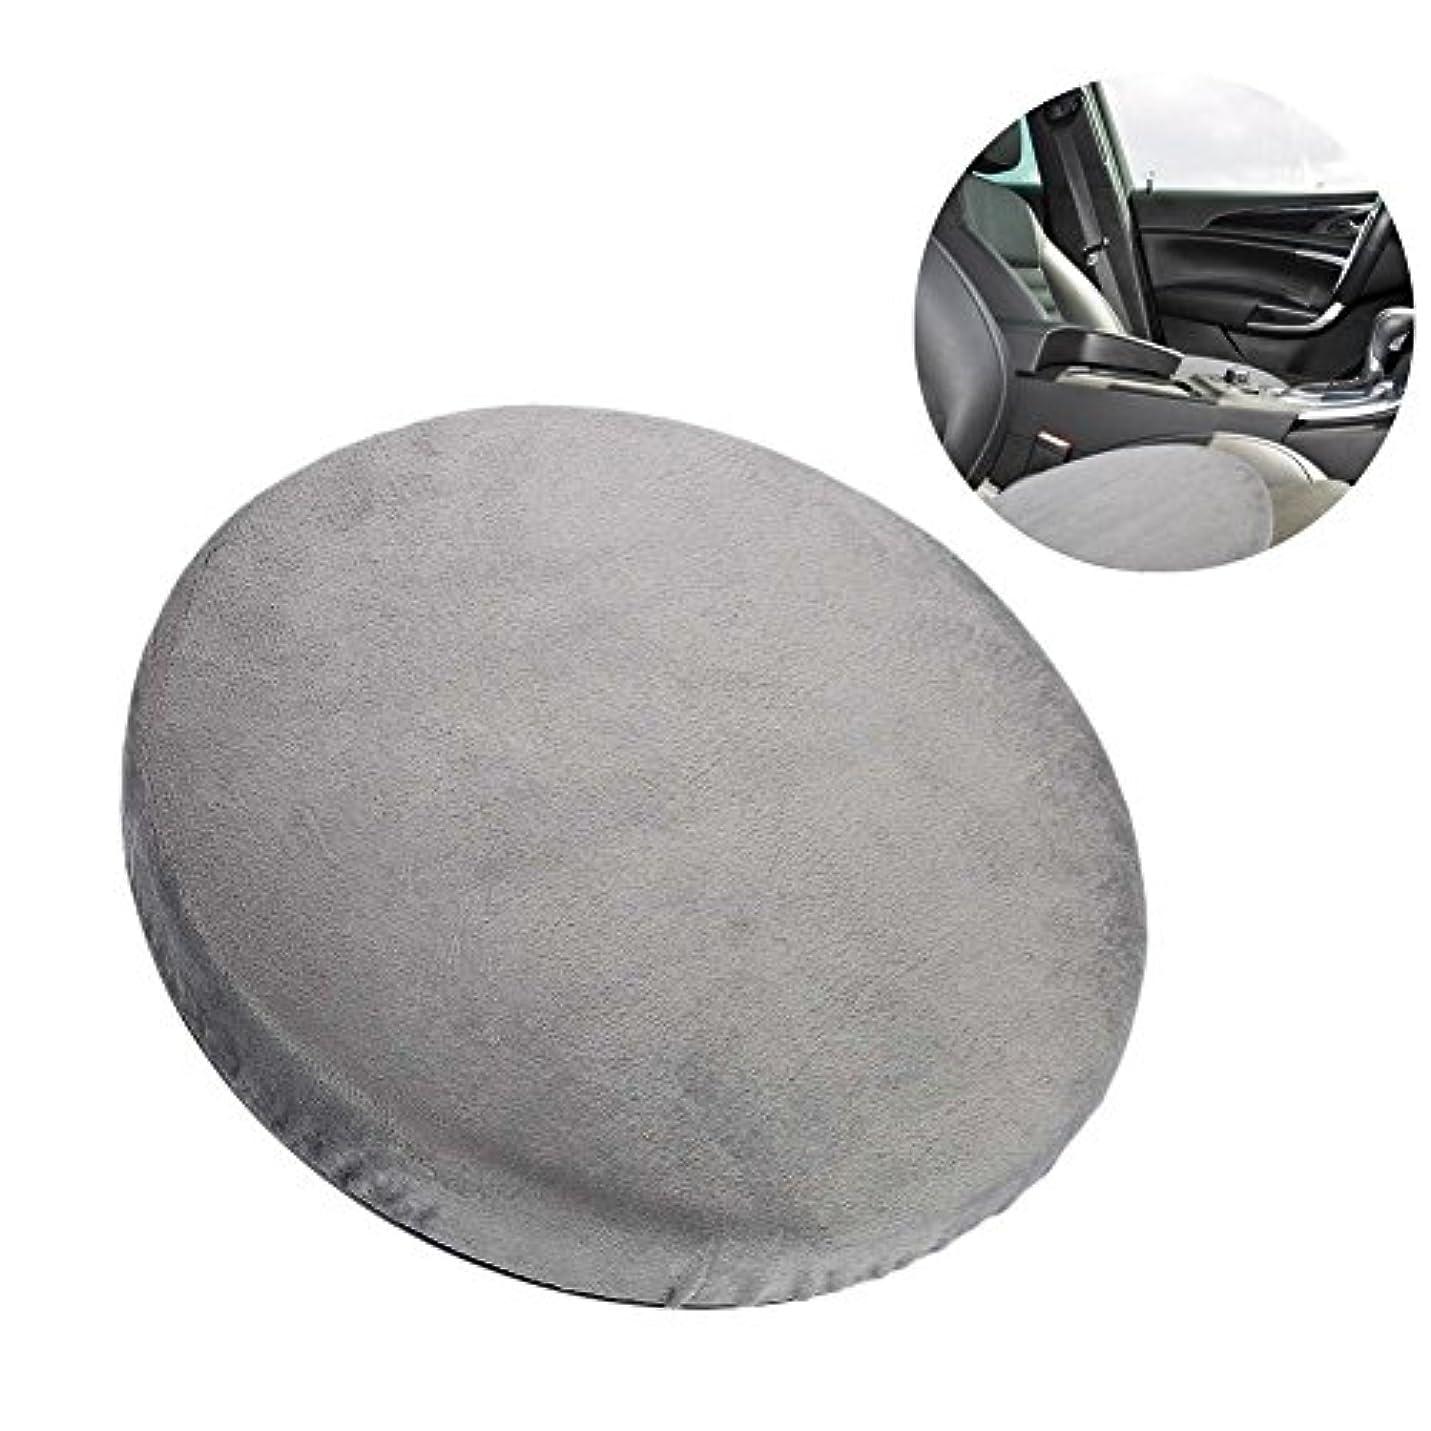 衝動コミュニケーションなしでの座席クッション、360°回転クッション車のオフィスおよび家の使用のための滑り止めの回転イスのパッドは腰痛および圧力を取り除く